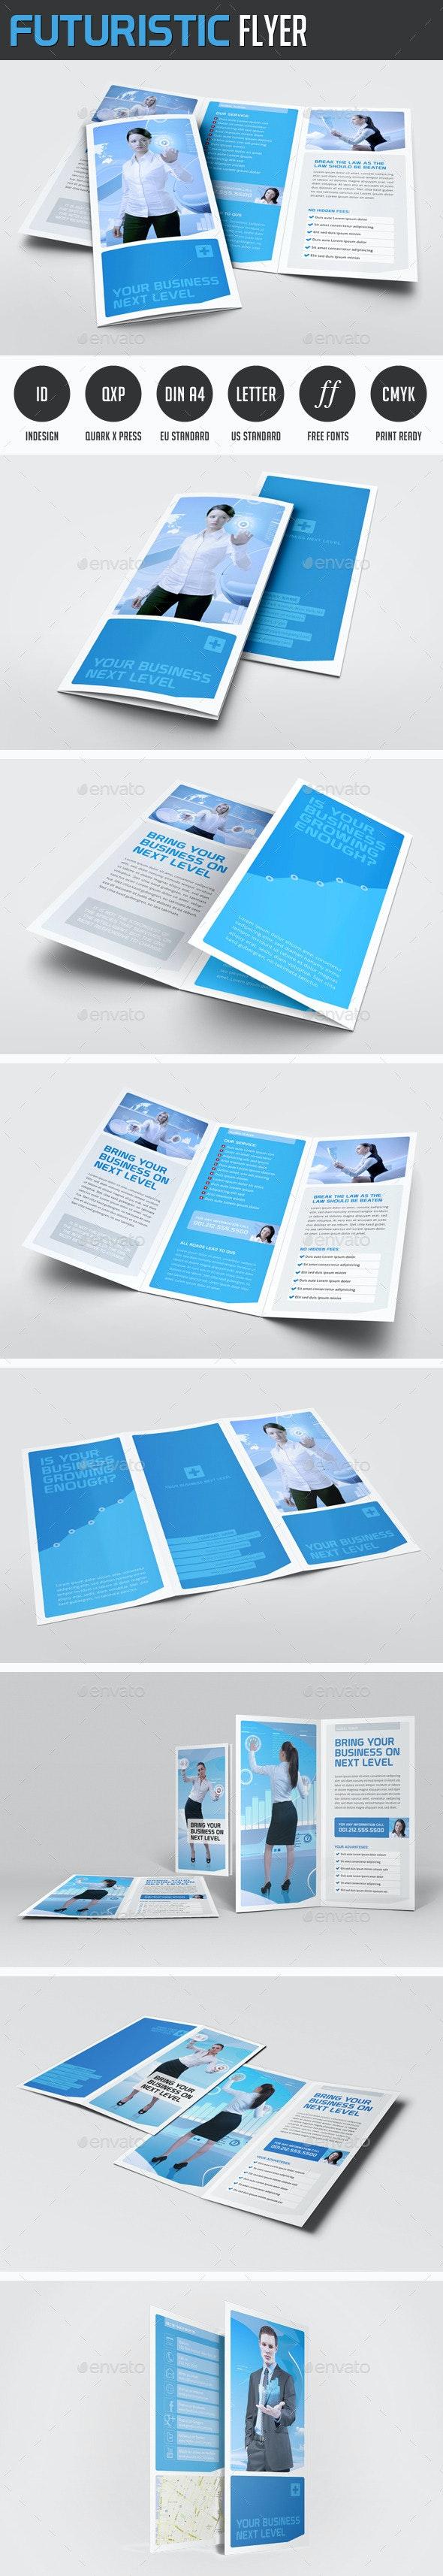 Futuristic Brochures - Corporate Flyers